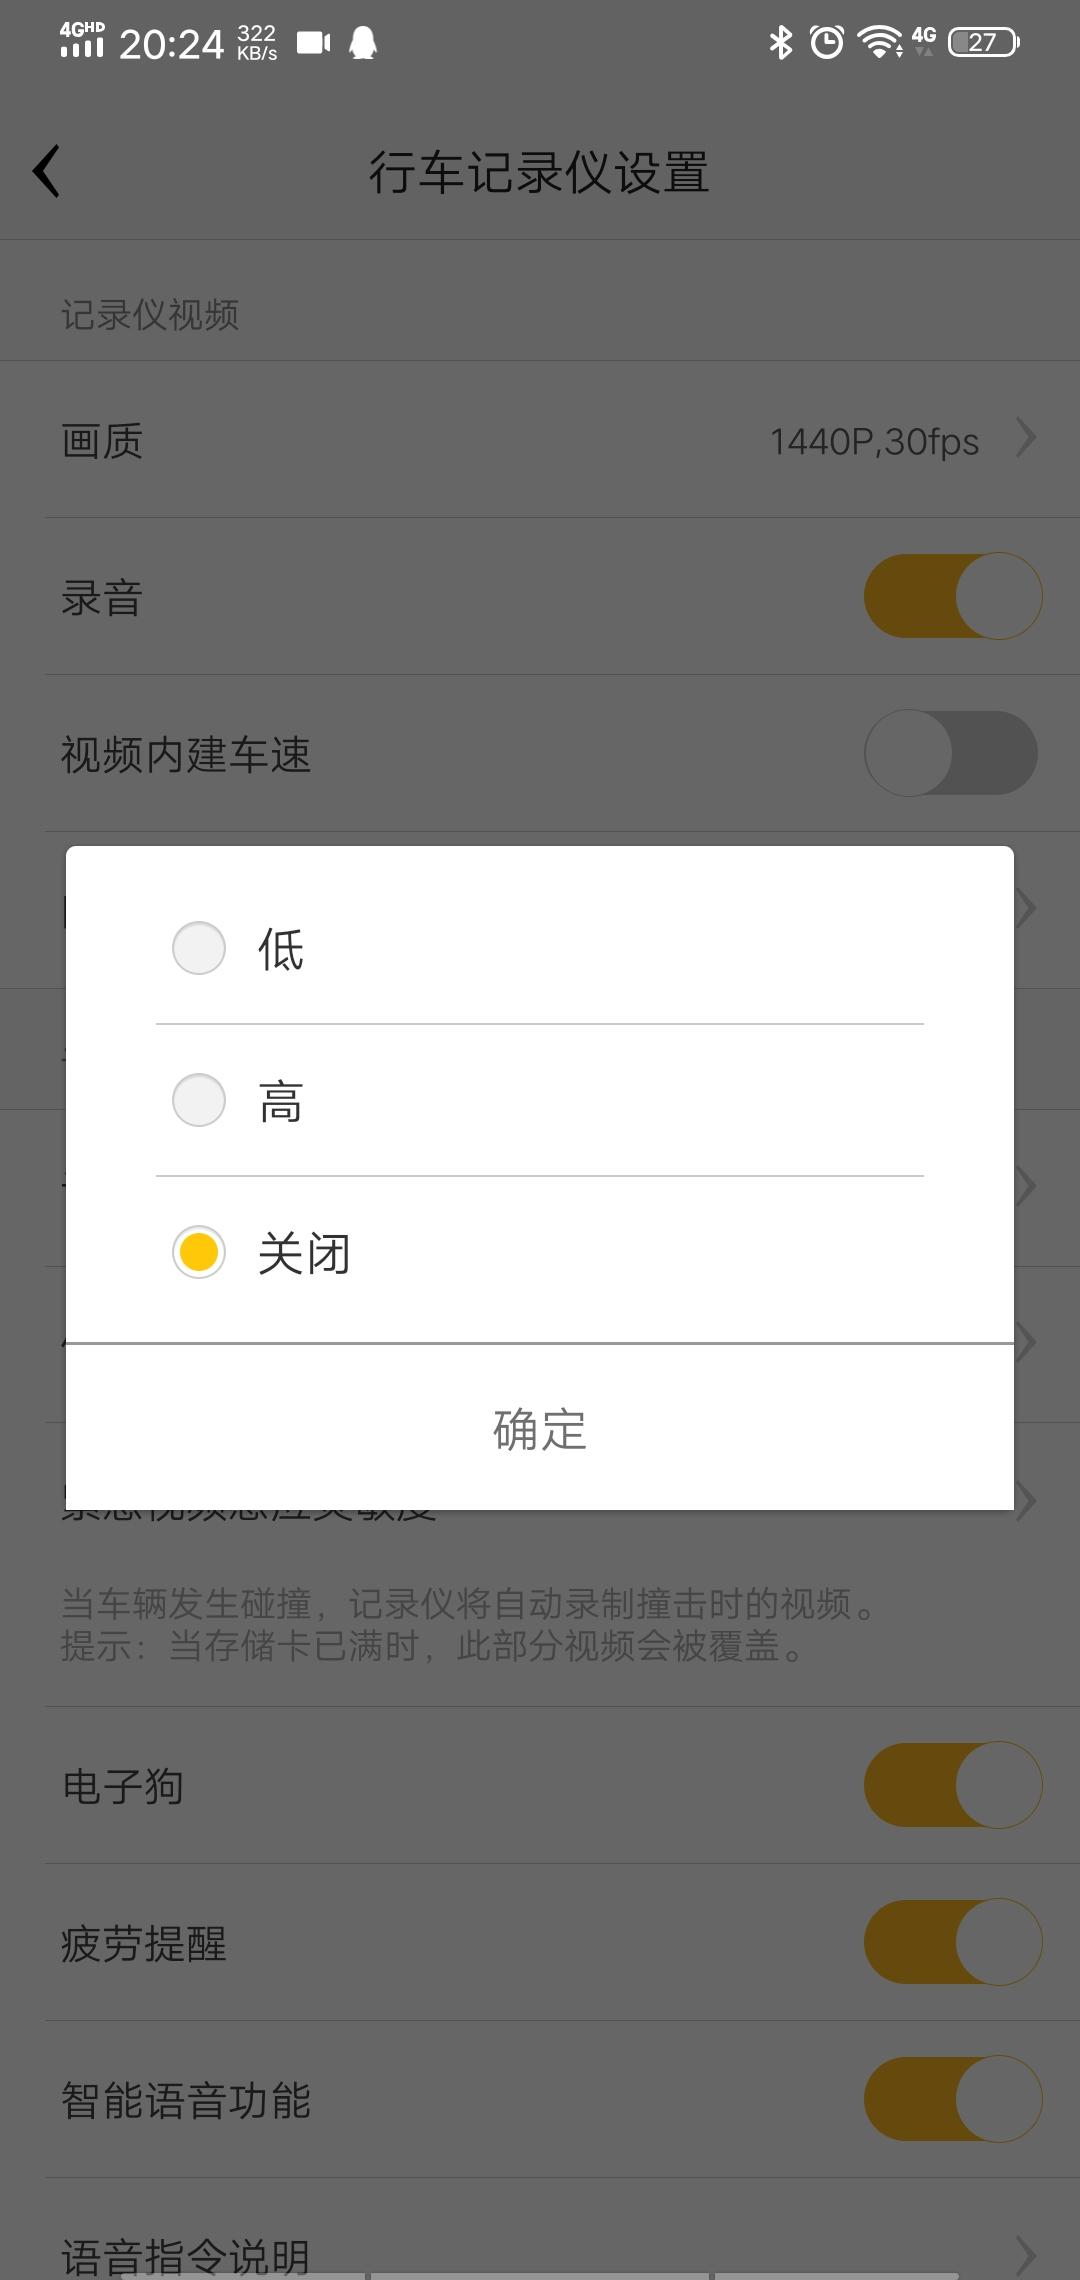 Screenshot_20191221_202443.jpg